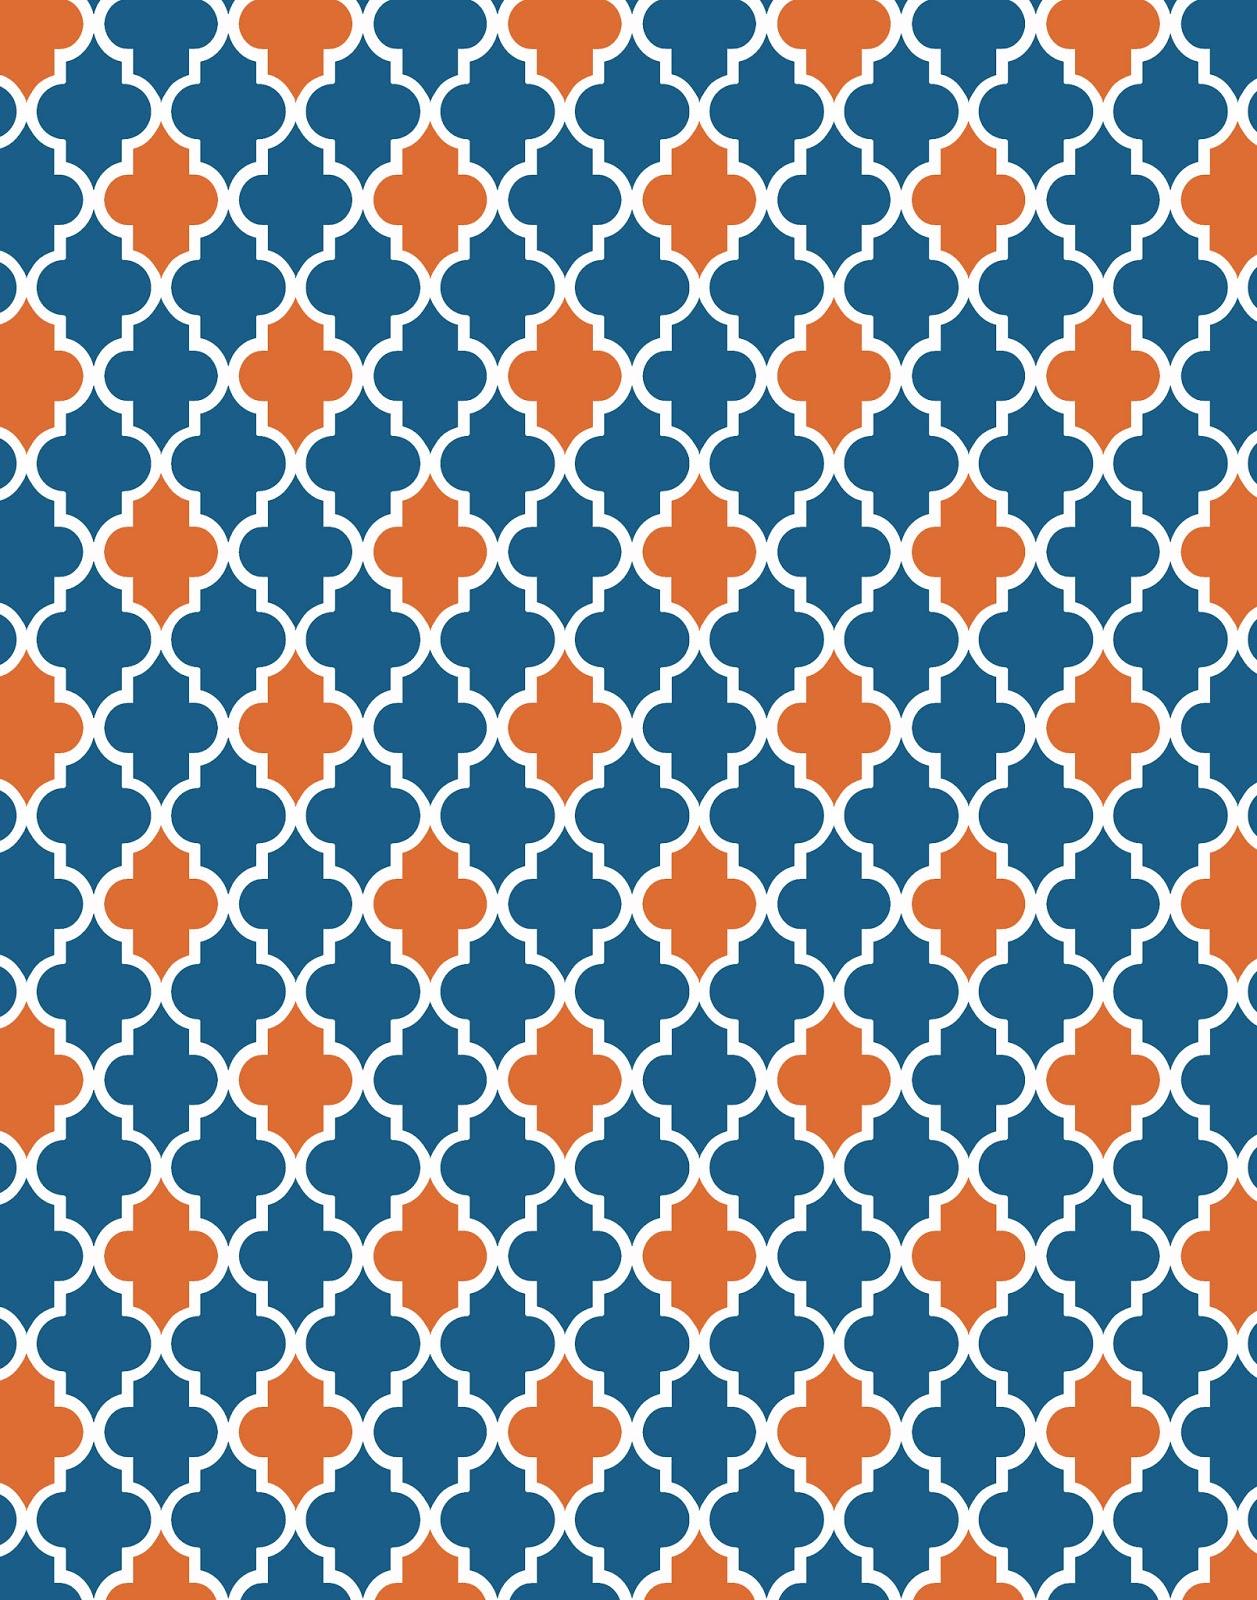 orange and blue wallpaper wallpapersafari